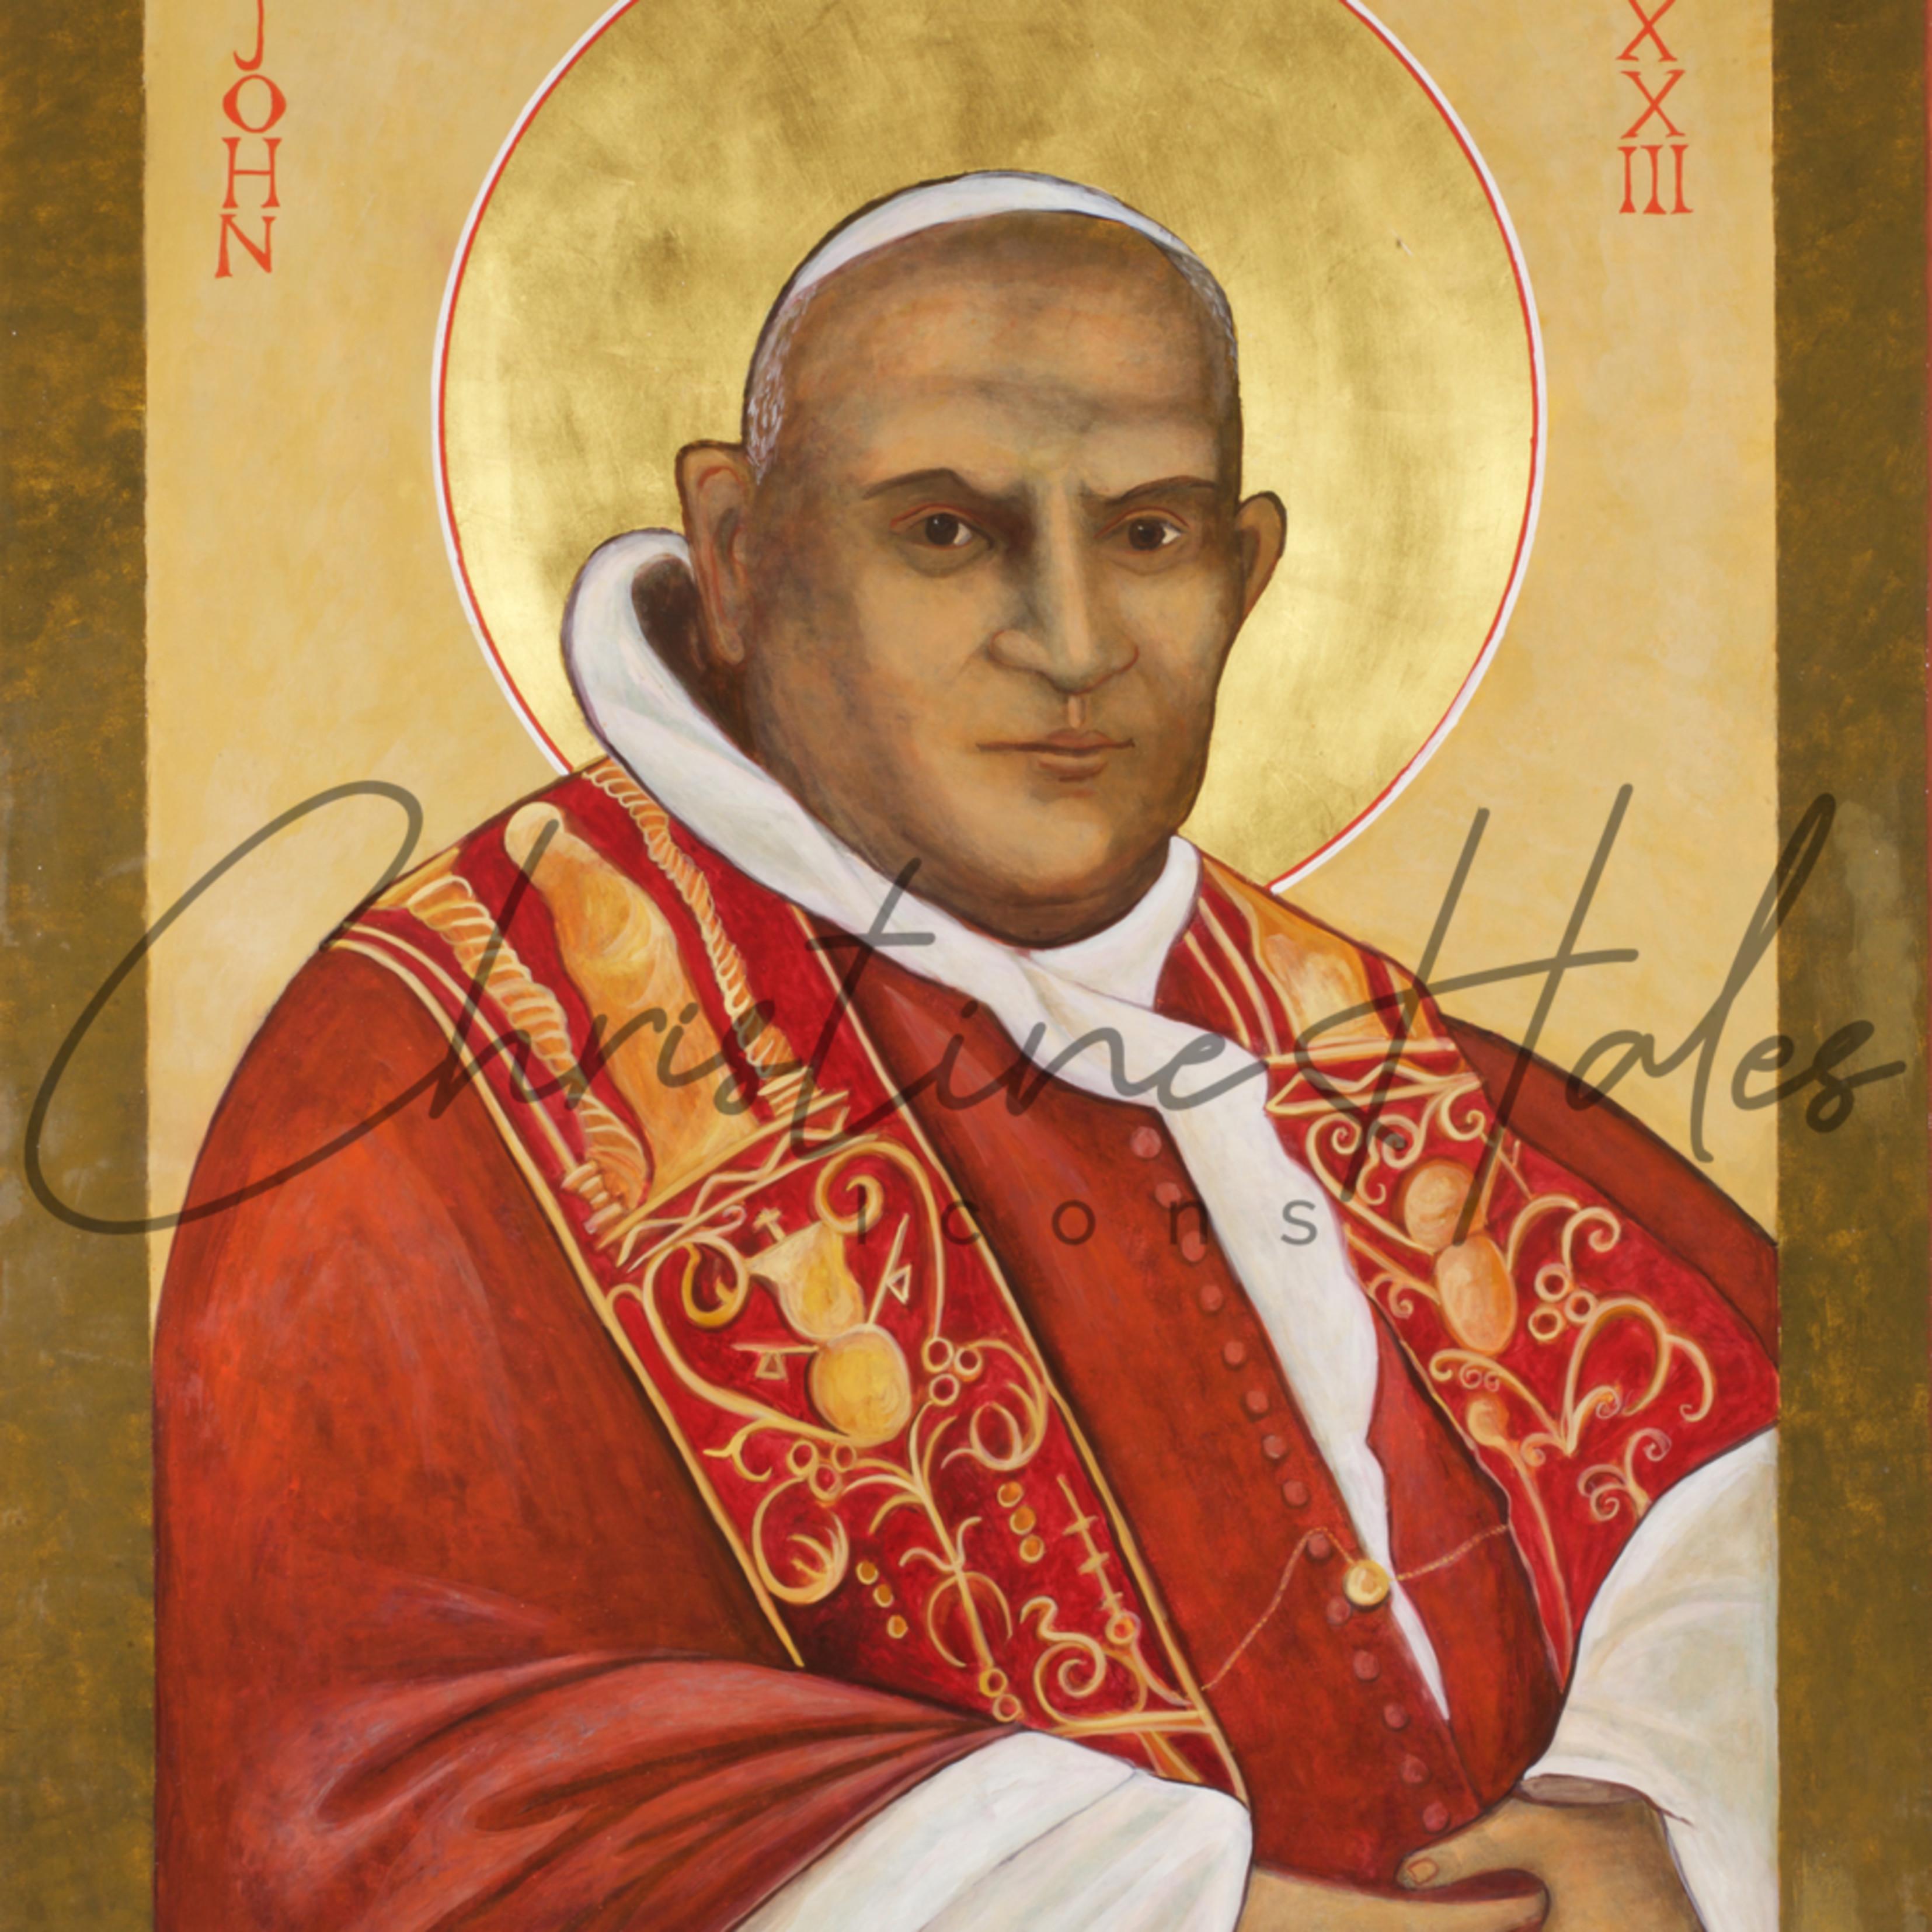 Pope john xxiii yntxyb